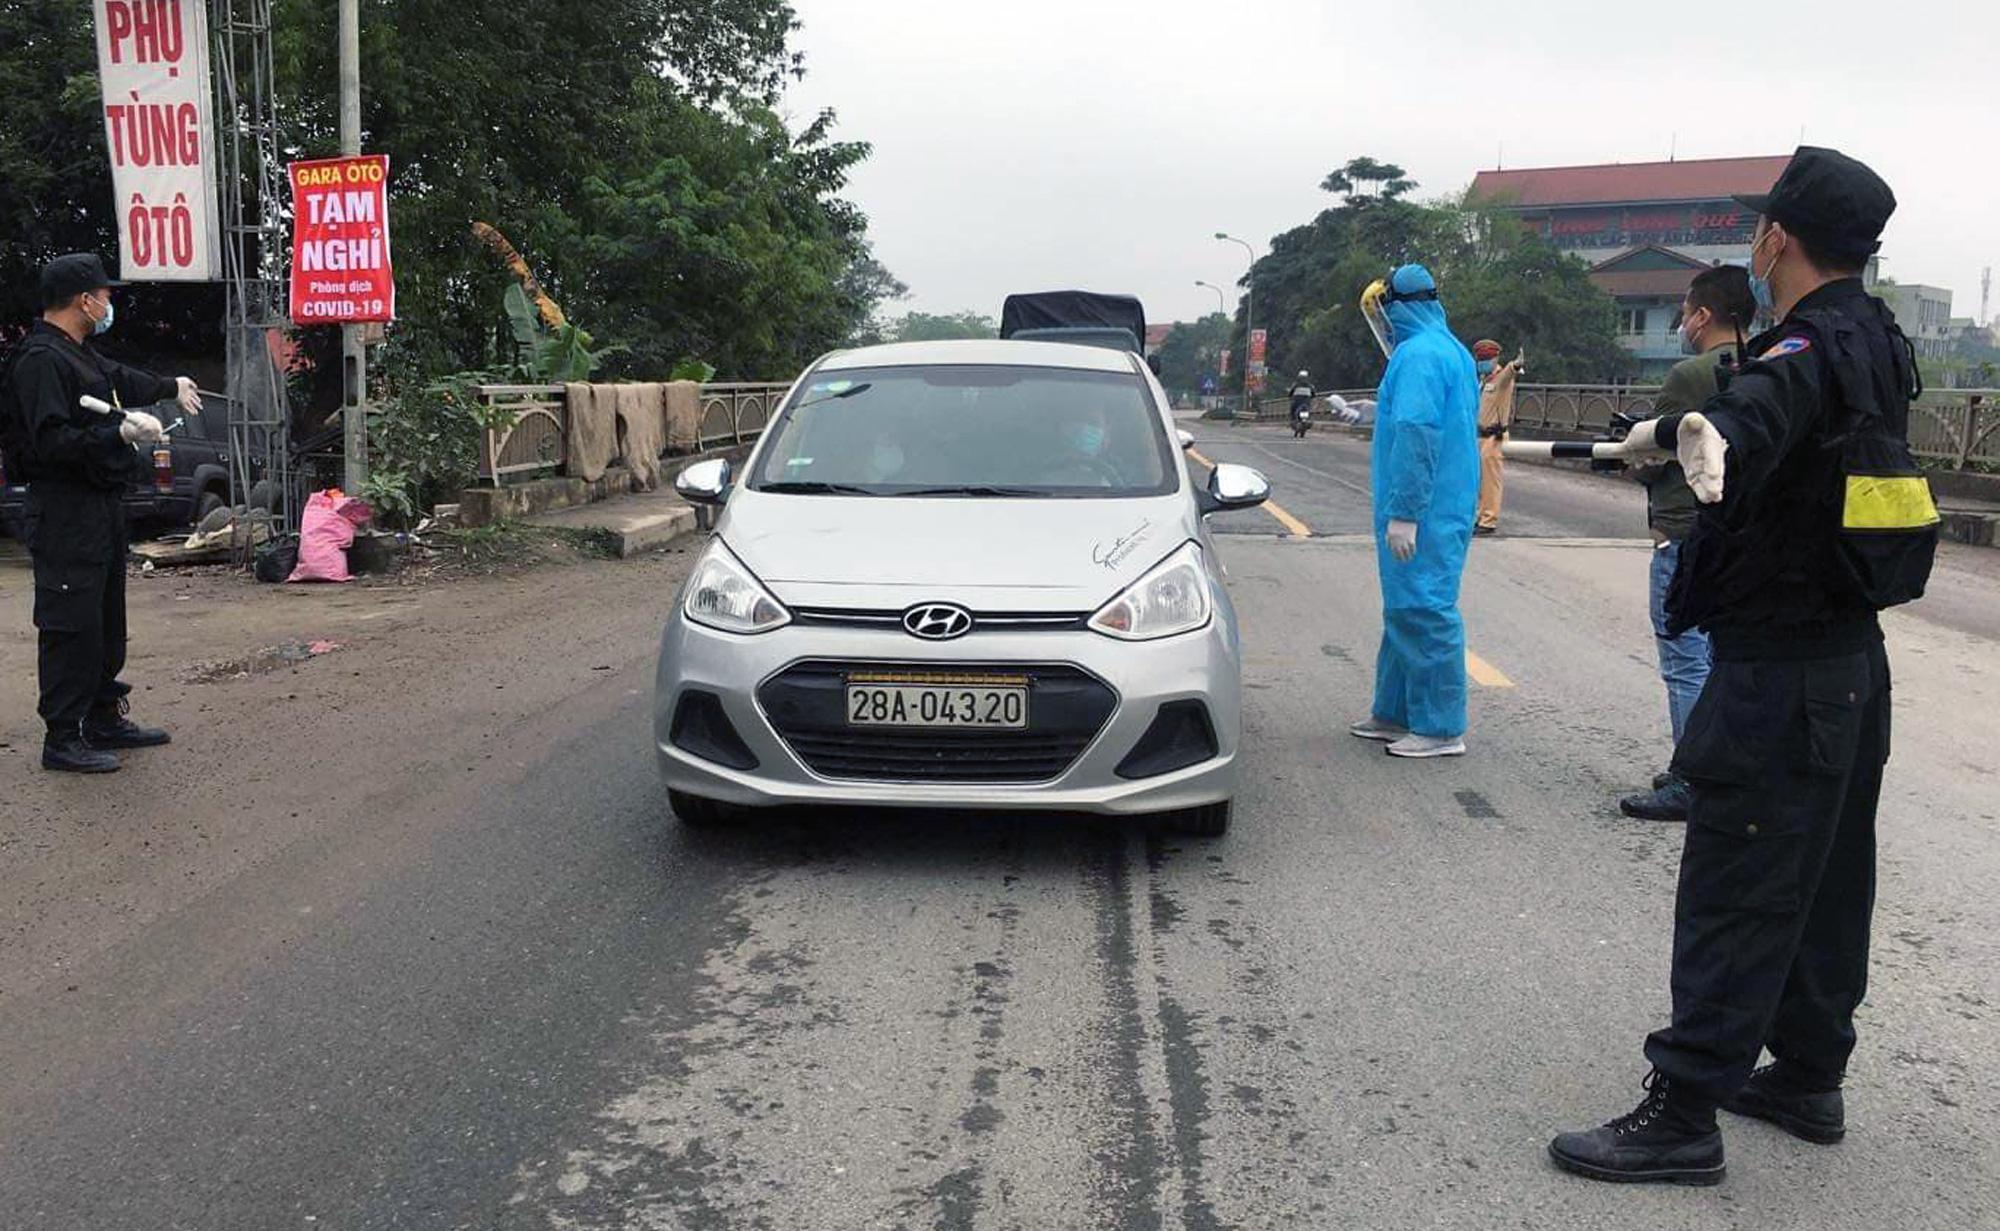 Chốt kiểm soát, giám sát cách li xã hội ở cửa ngõ Thủ đô Hà Nội hoạt động thế nào? - Ảnh 7.